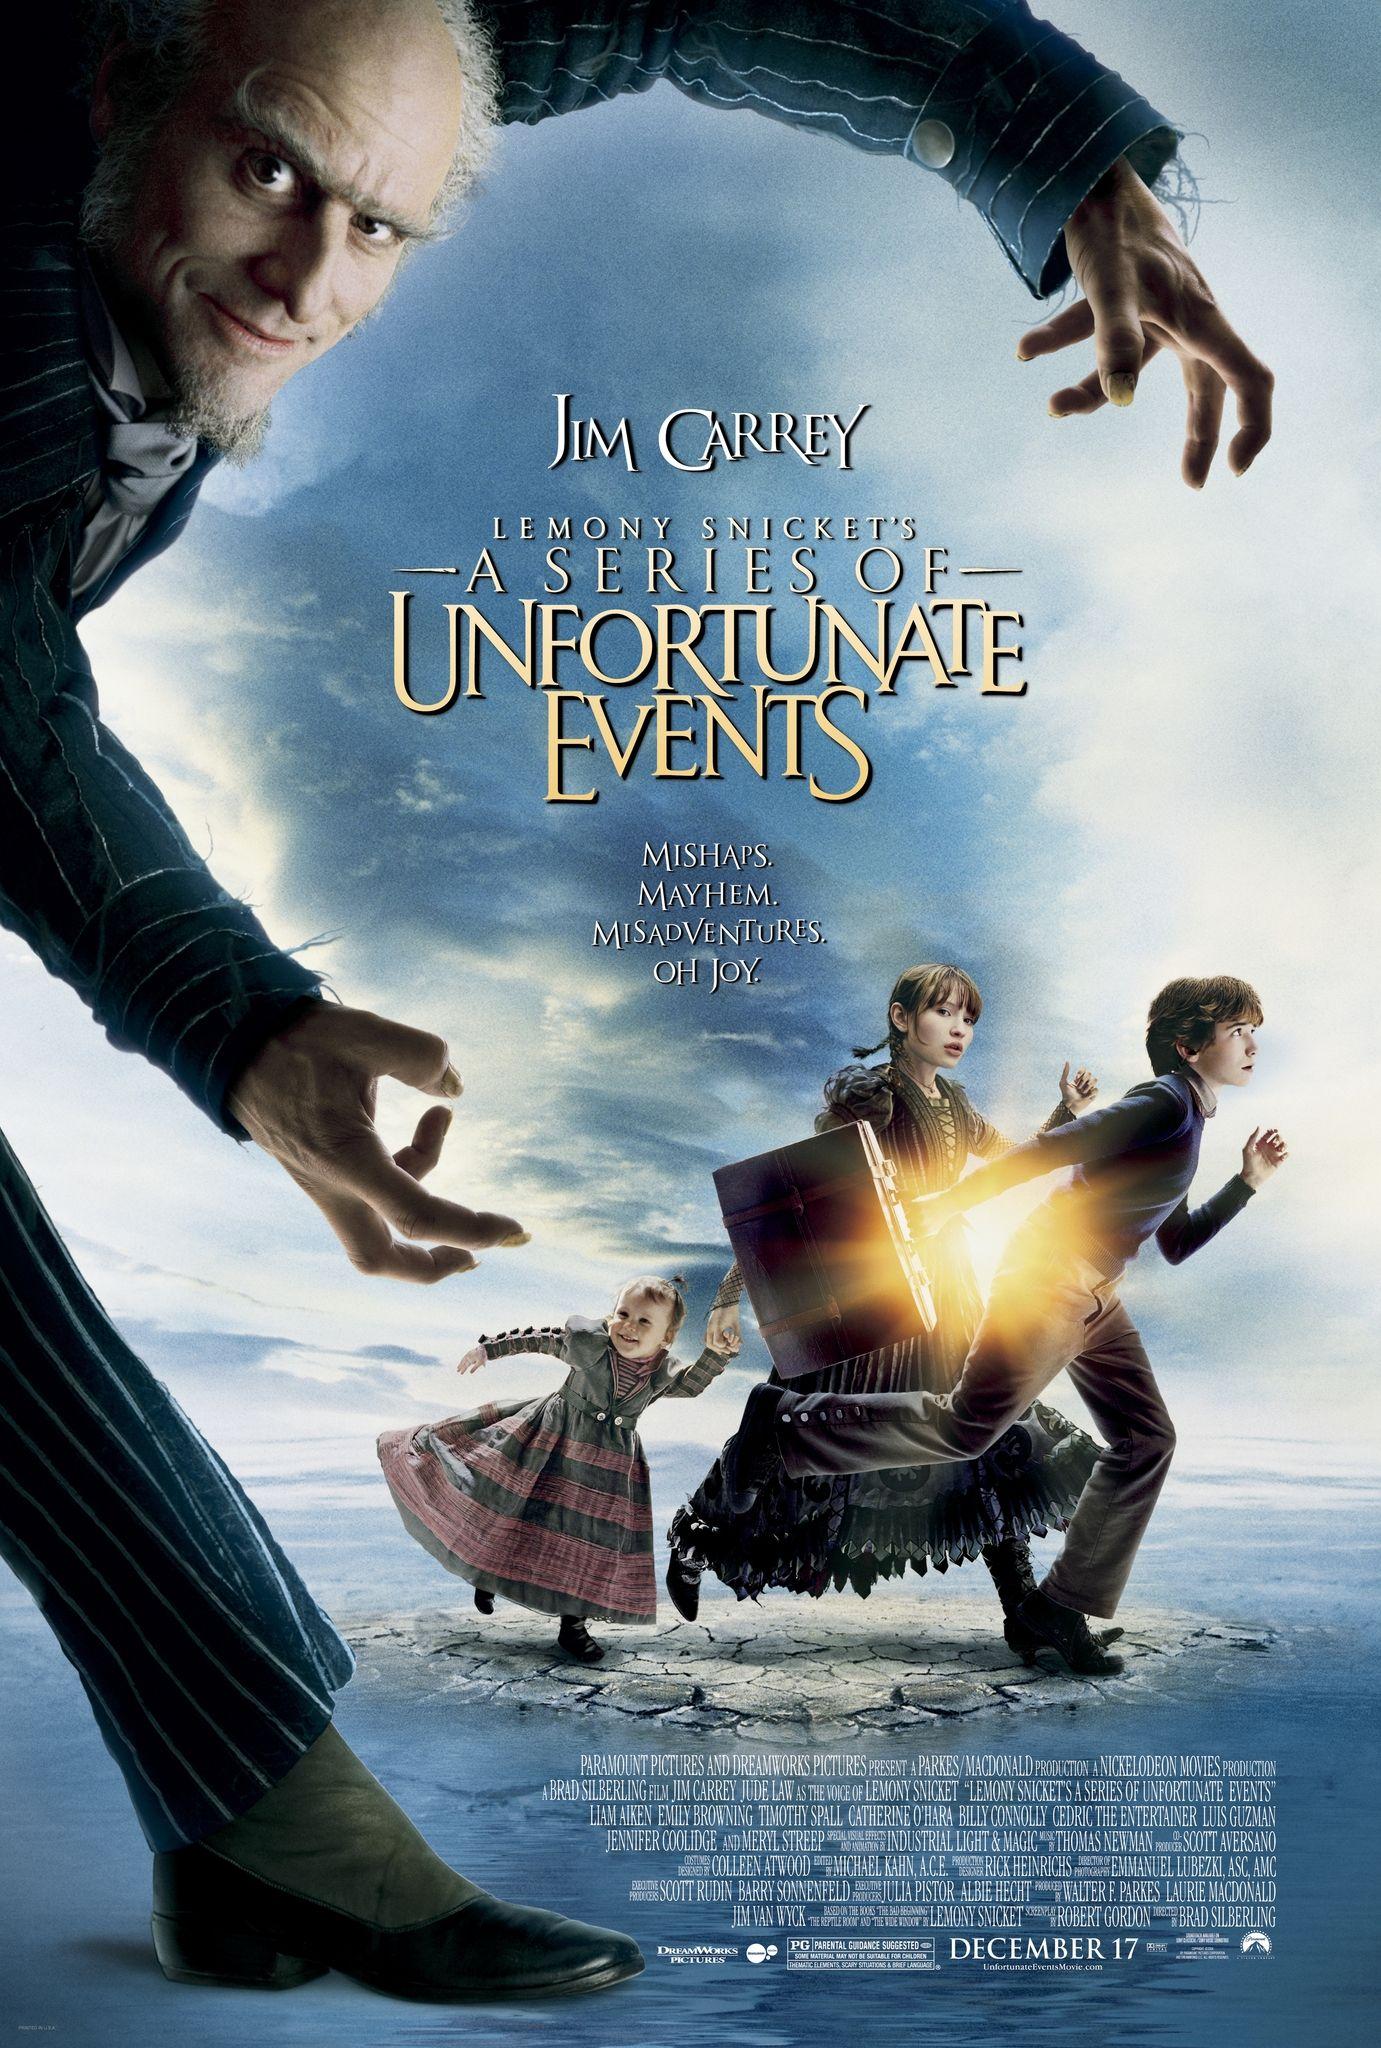 Les Desastreuses Aventures Des Orphelins Baudelaire Lemony Snicket S A Series Of Unfortunate Events Brad Siberling 2 Film Fantastik Filmler Film Afisleri